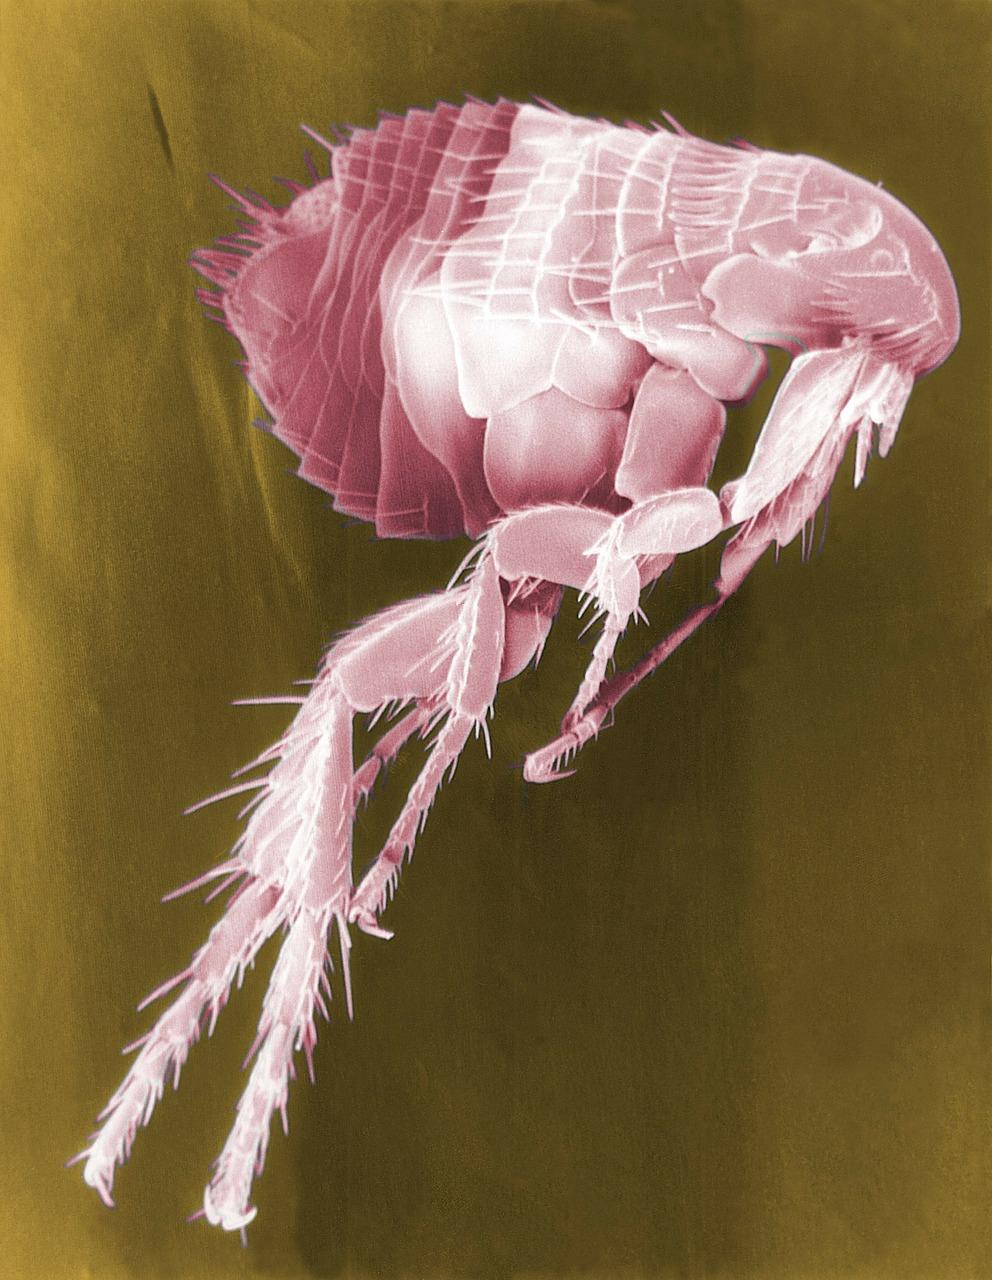 Flea Goat External Parasites